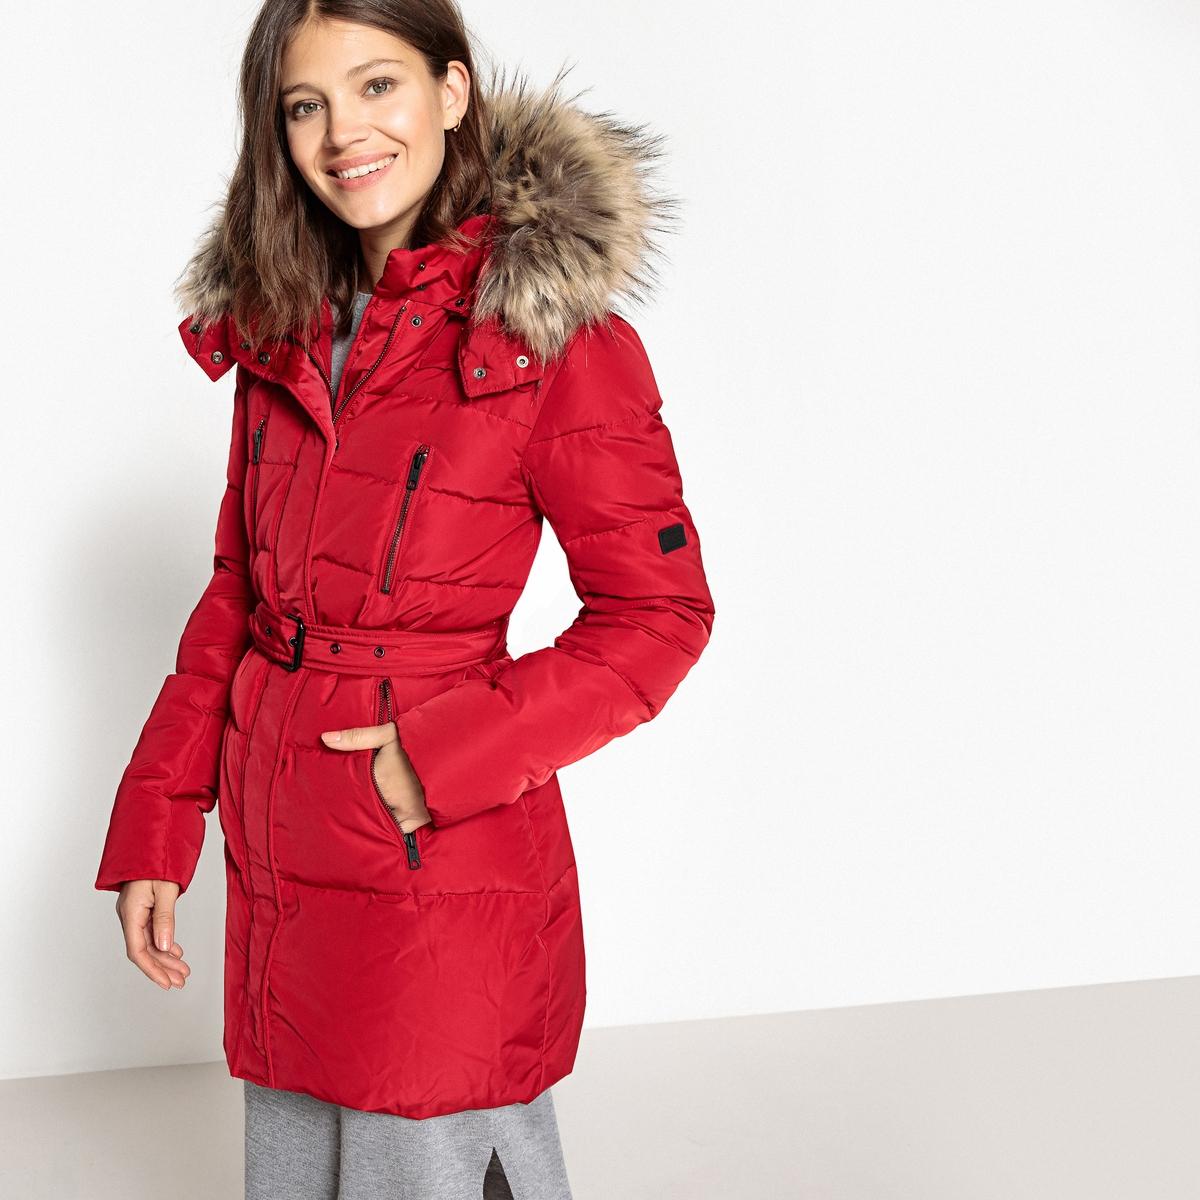 Куртка стеганая с капюшономОписание:зимняя утепленная куртка Betties от PEPE JEANS. Наполнитель из утинного пуха и пера . Капюшон оторочен искусственным мехом. Высокий воротник.Детали •  Длина : удлиненная модель •  Капюшон •  Застежка на молниюСостав и уход •  100% полиэстер •  Следуйте советам по уходу, указанным на этикетке<br><br>Цвет: красный,черный,экрю<br>Размер: XL.M.L.XS.S